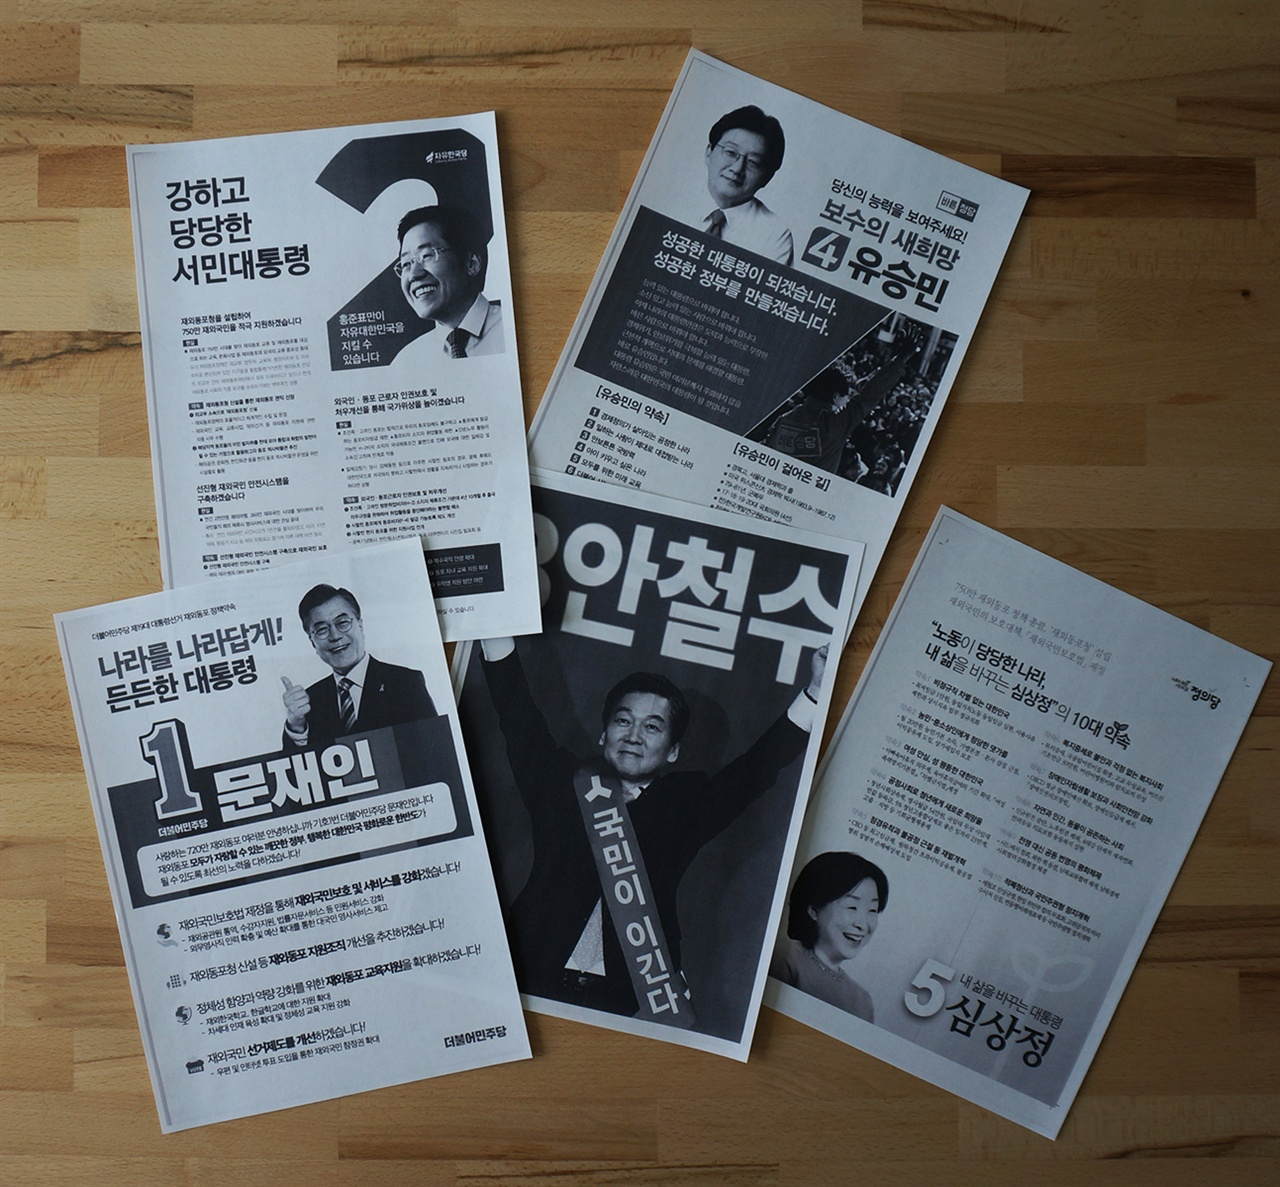 주 독일 대한민국 영사관 홈페이지에 게시된 제 19대 대통령선거 정당, 후보자 정보는 흑백 PDF파일로 되어있다.